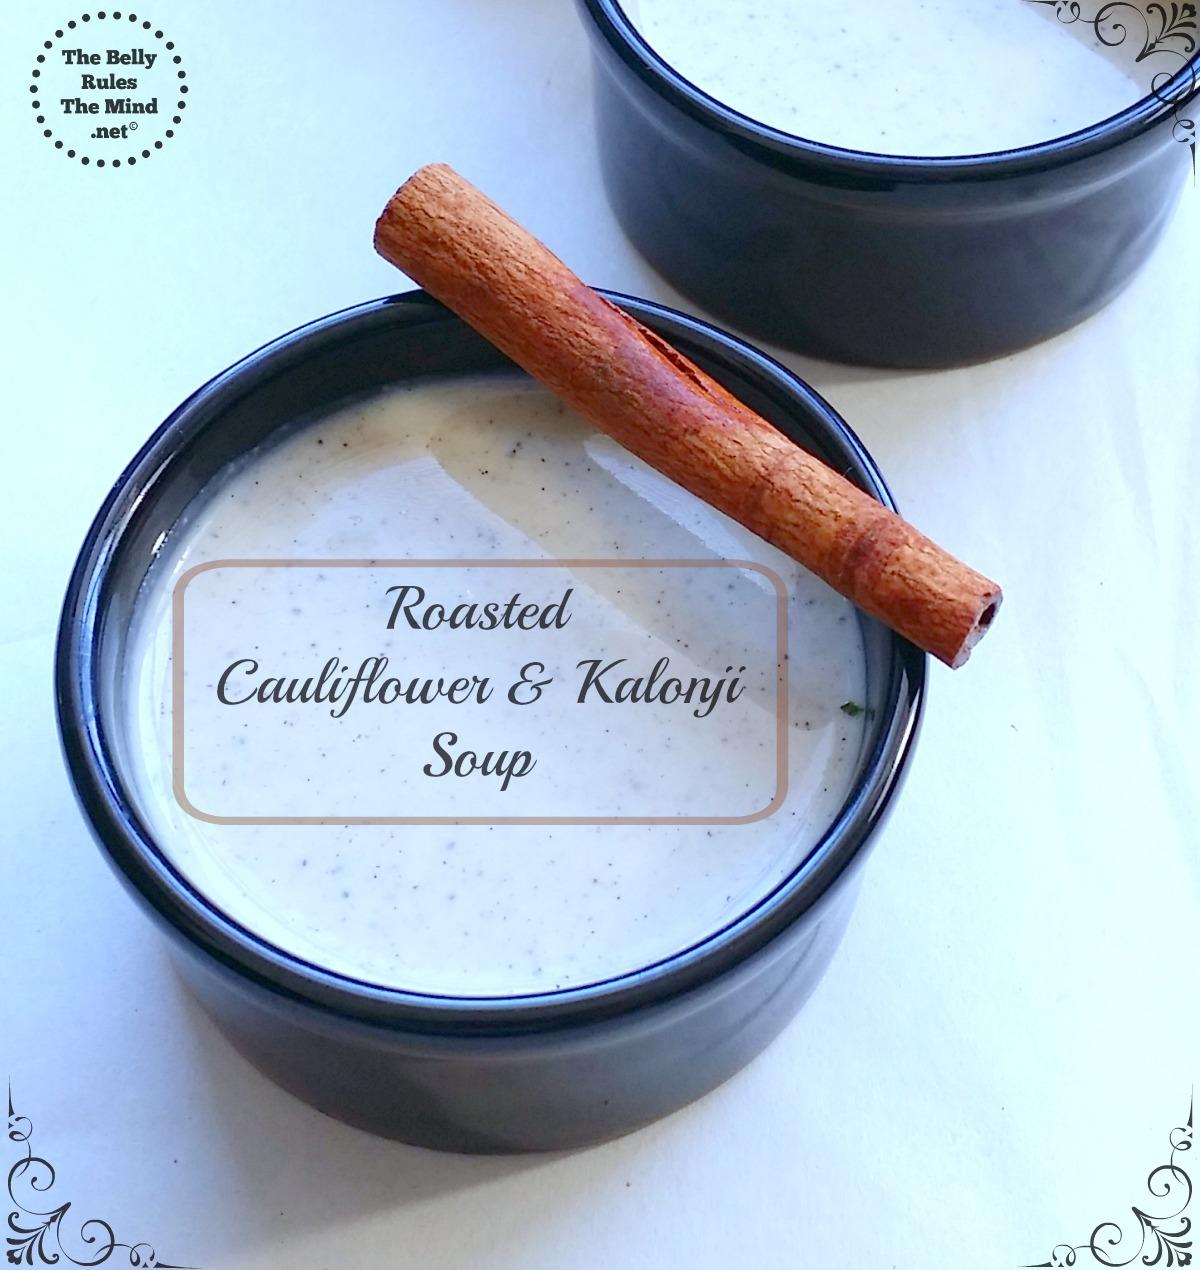 Roasted cauliflower and kalonji soup